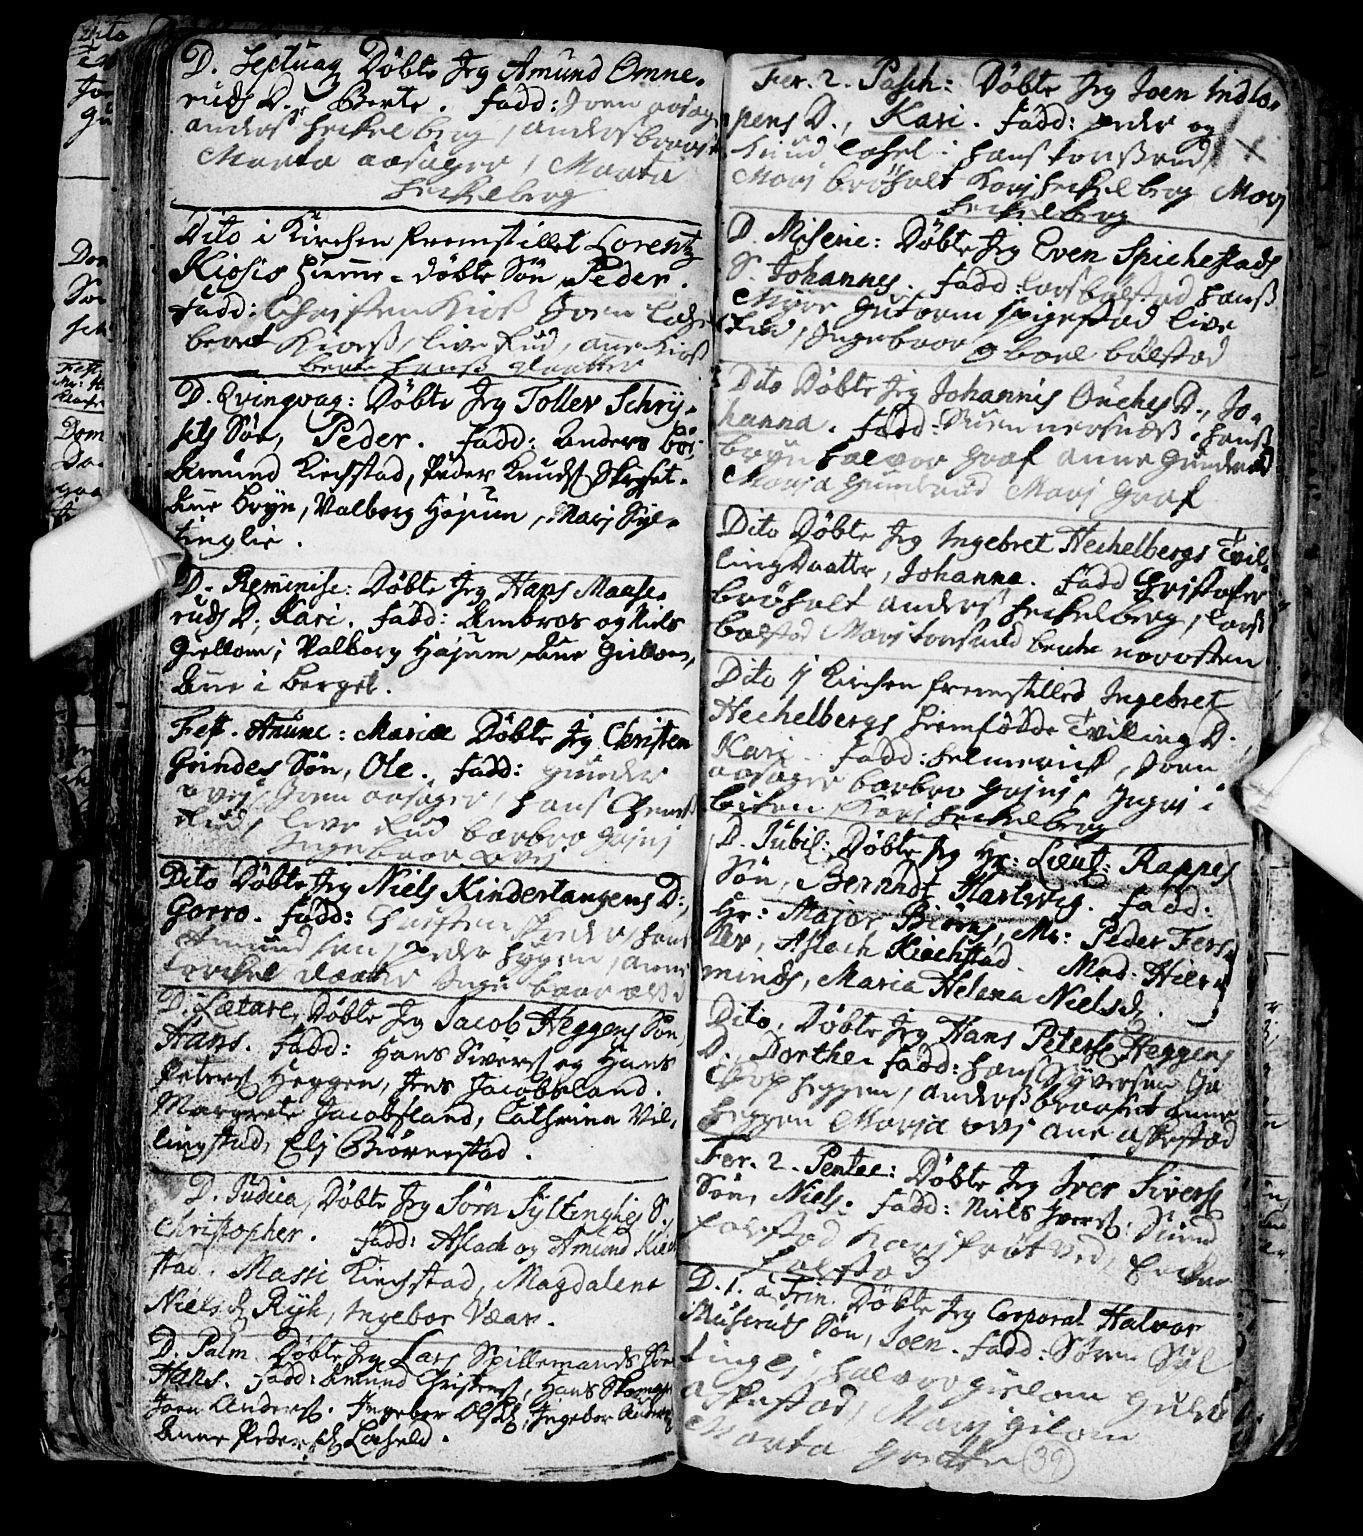 SAKO, Røyken kirkebøker, F/Fa/L0001: Ministerialbok nr. 1, 1701-1730, s. 39